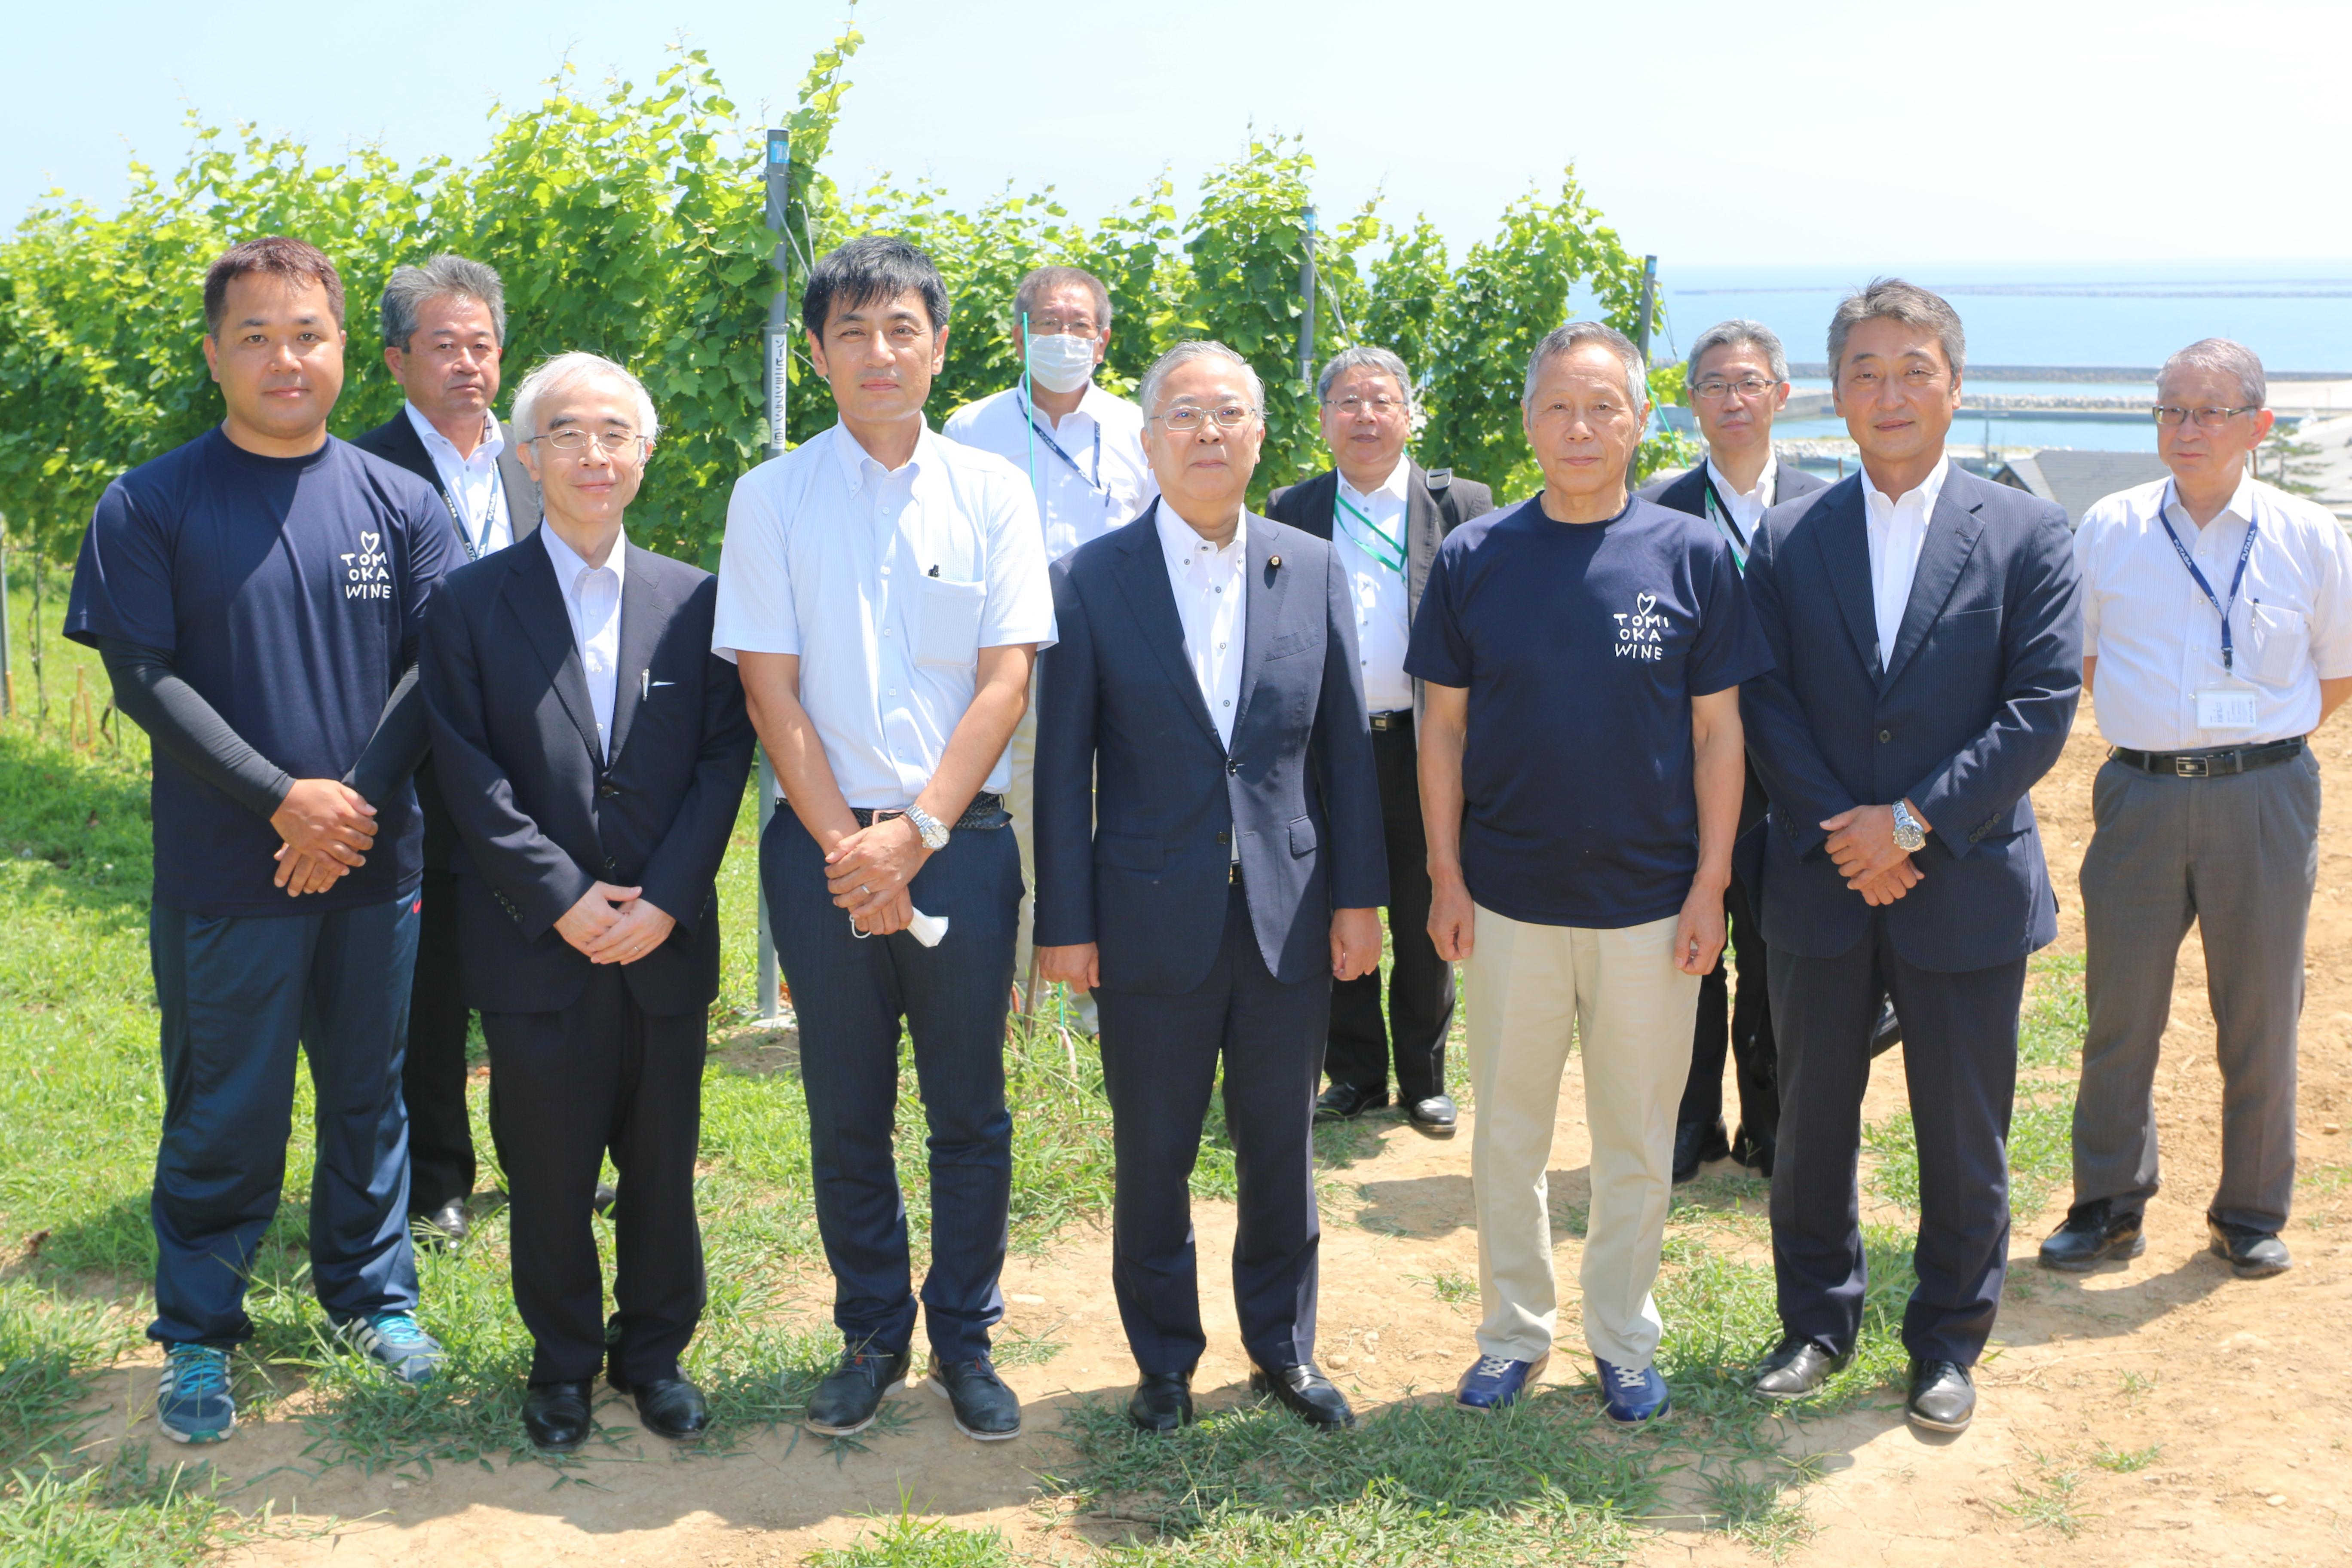 横山復興副大臣が来社されましたの画像